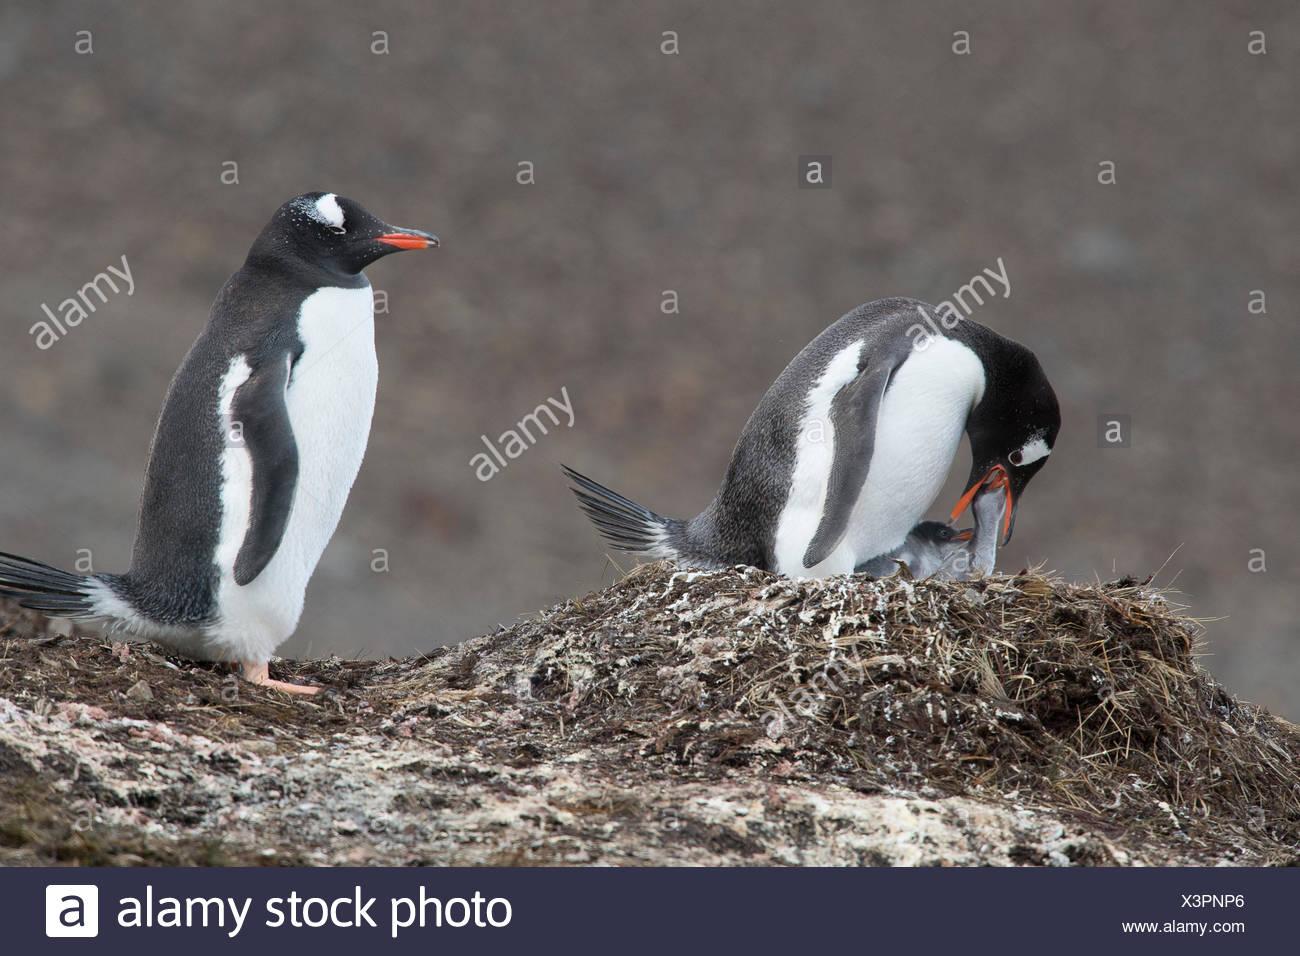 Pingüinos papúa, Pygoscelis papua, criar a sus polluelos de pingüinos en una colonia. Imagen De Stock